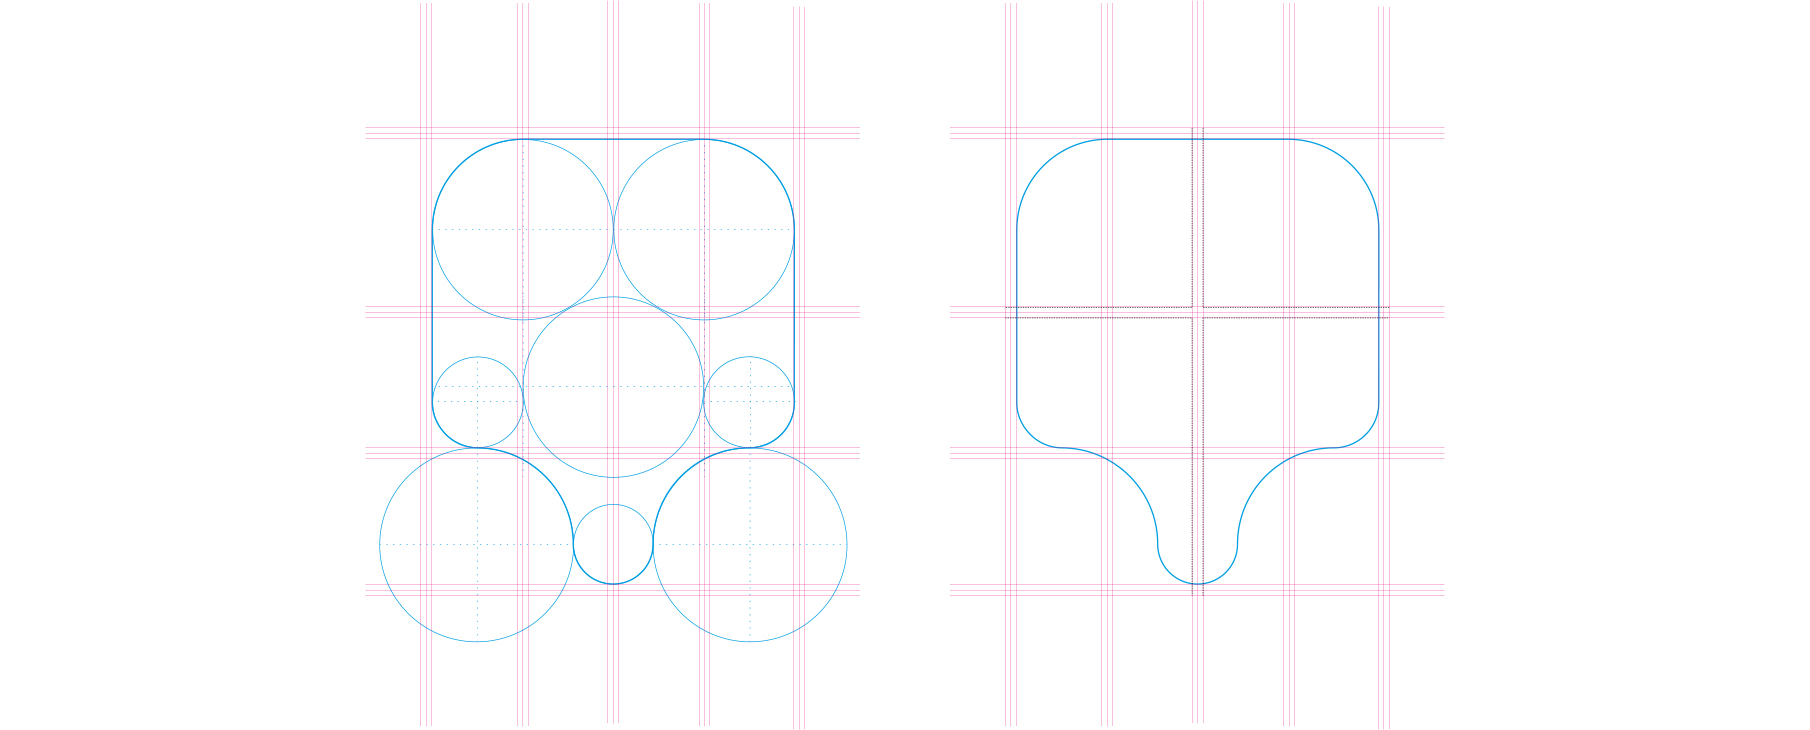 podere_logo_build_1